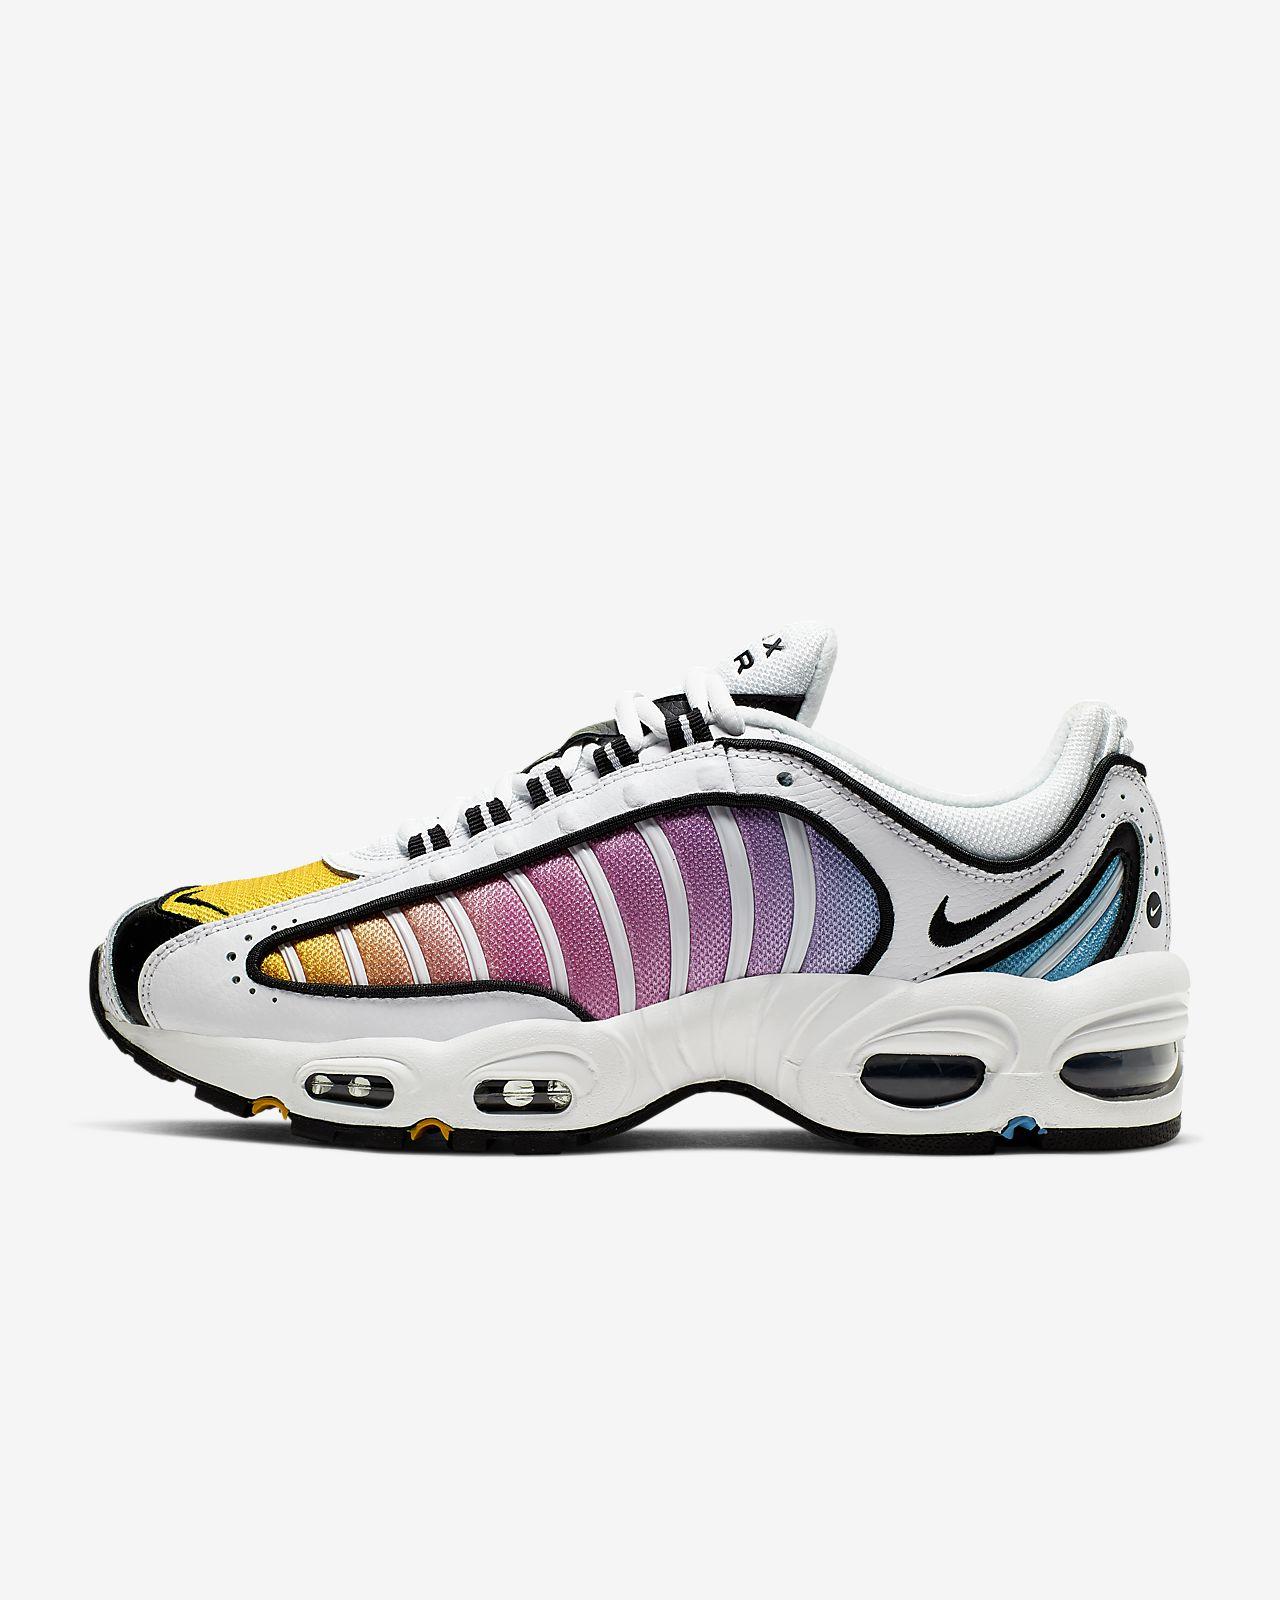 air max chaussure nike femme